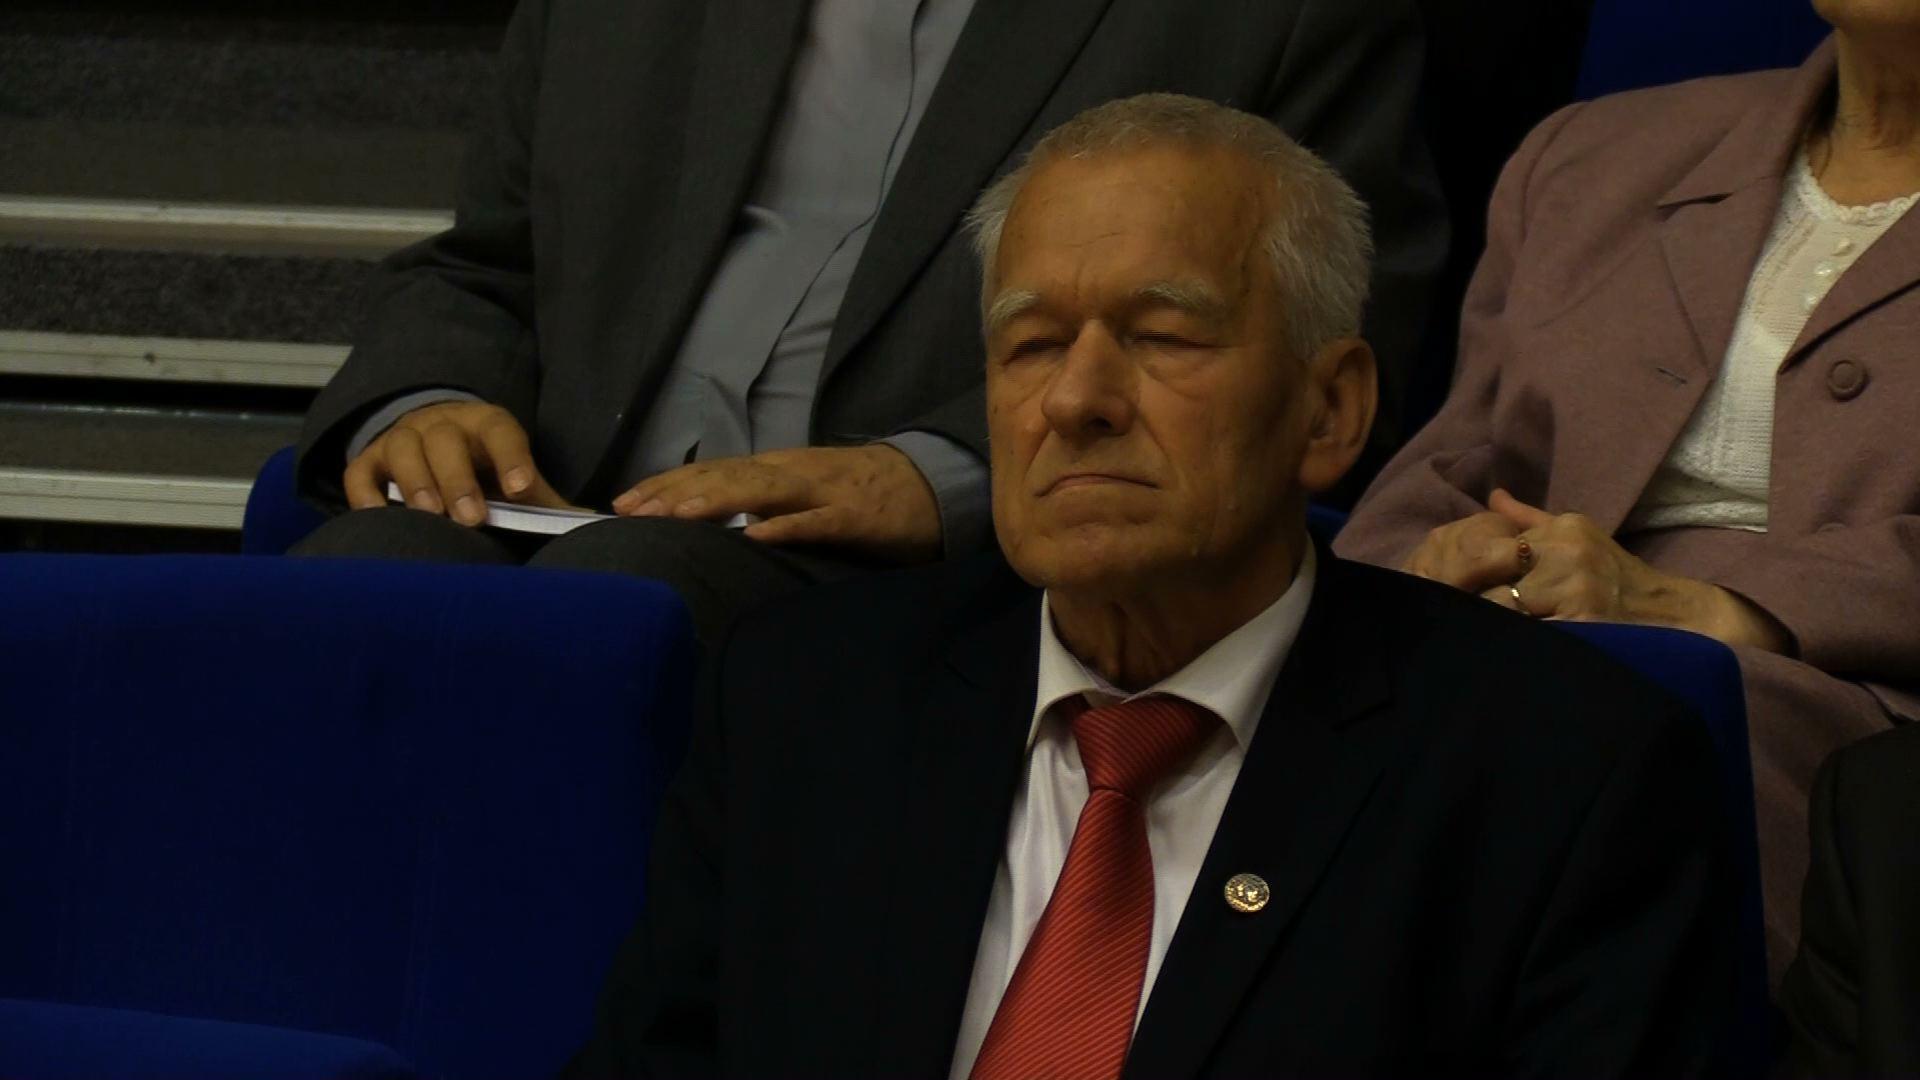 Nie żyje Kornel Morawiecki. Zmarł w wieku 78 lat